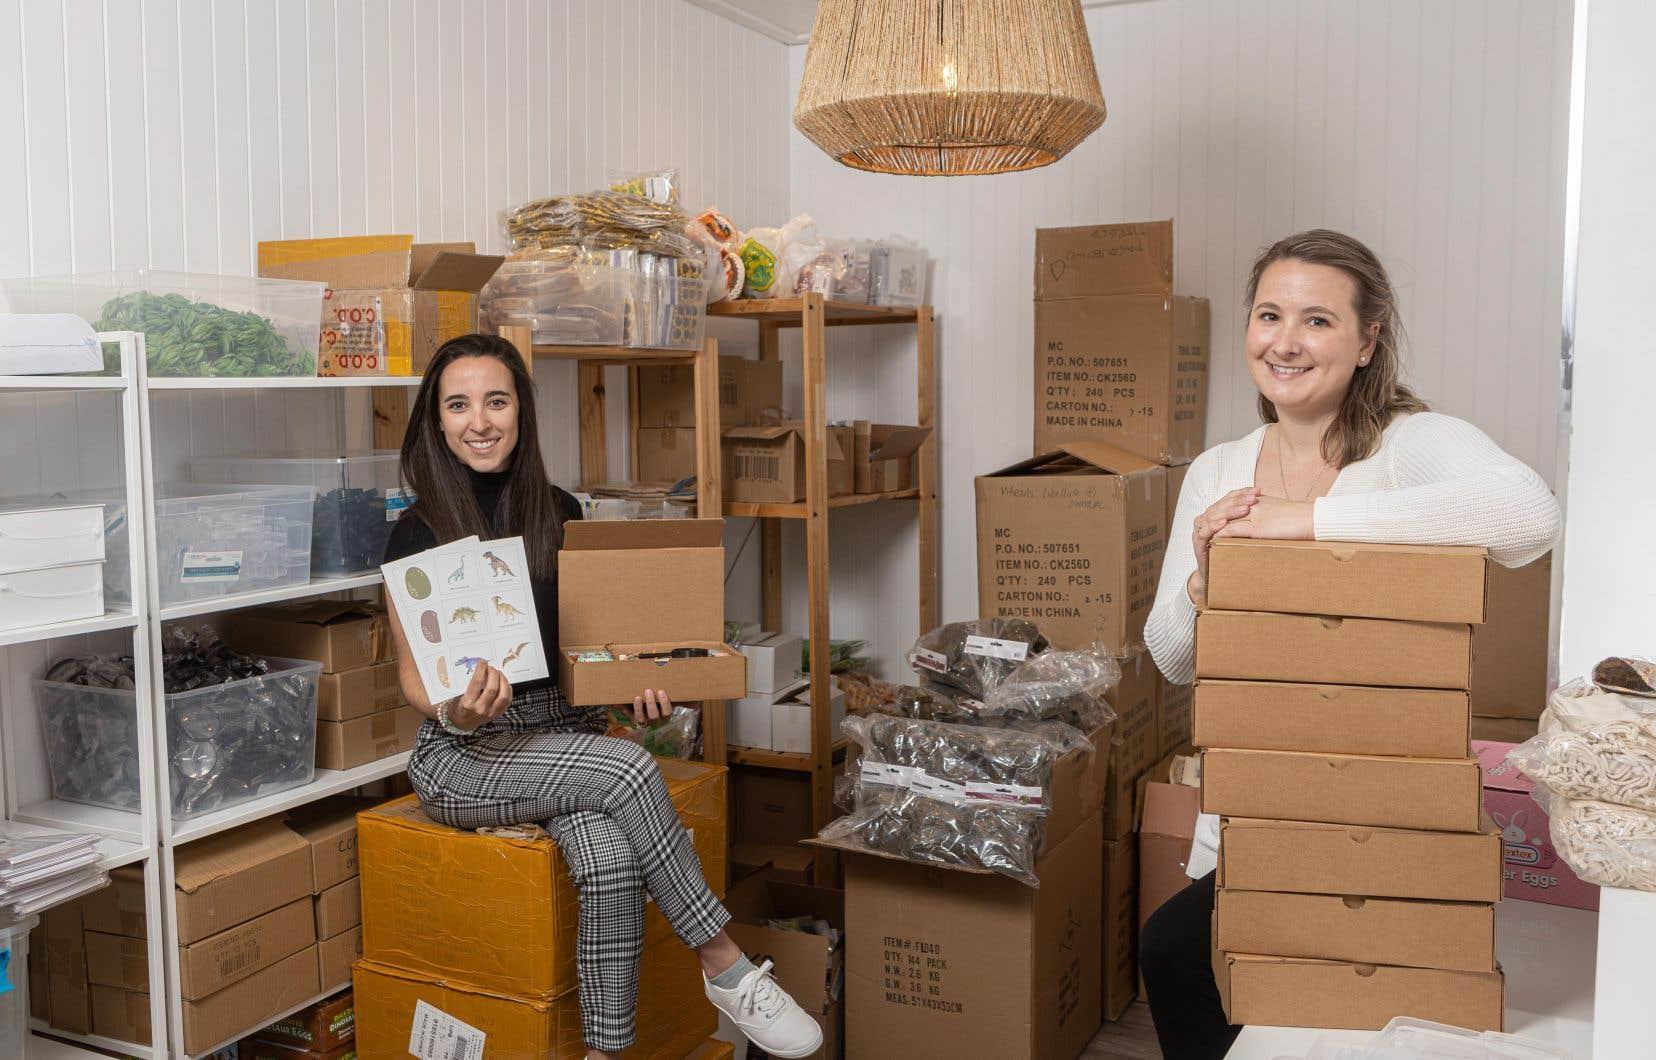 Camille Baribeau (à gauche) et Amélie Royer (à droite) dans leur entreprise Bajoue et Pastel Ludique, à Québec.